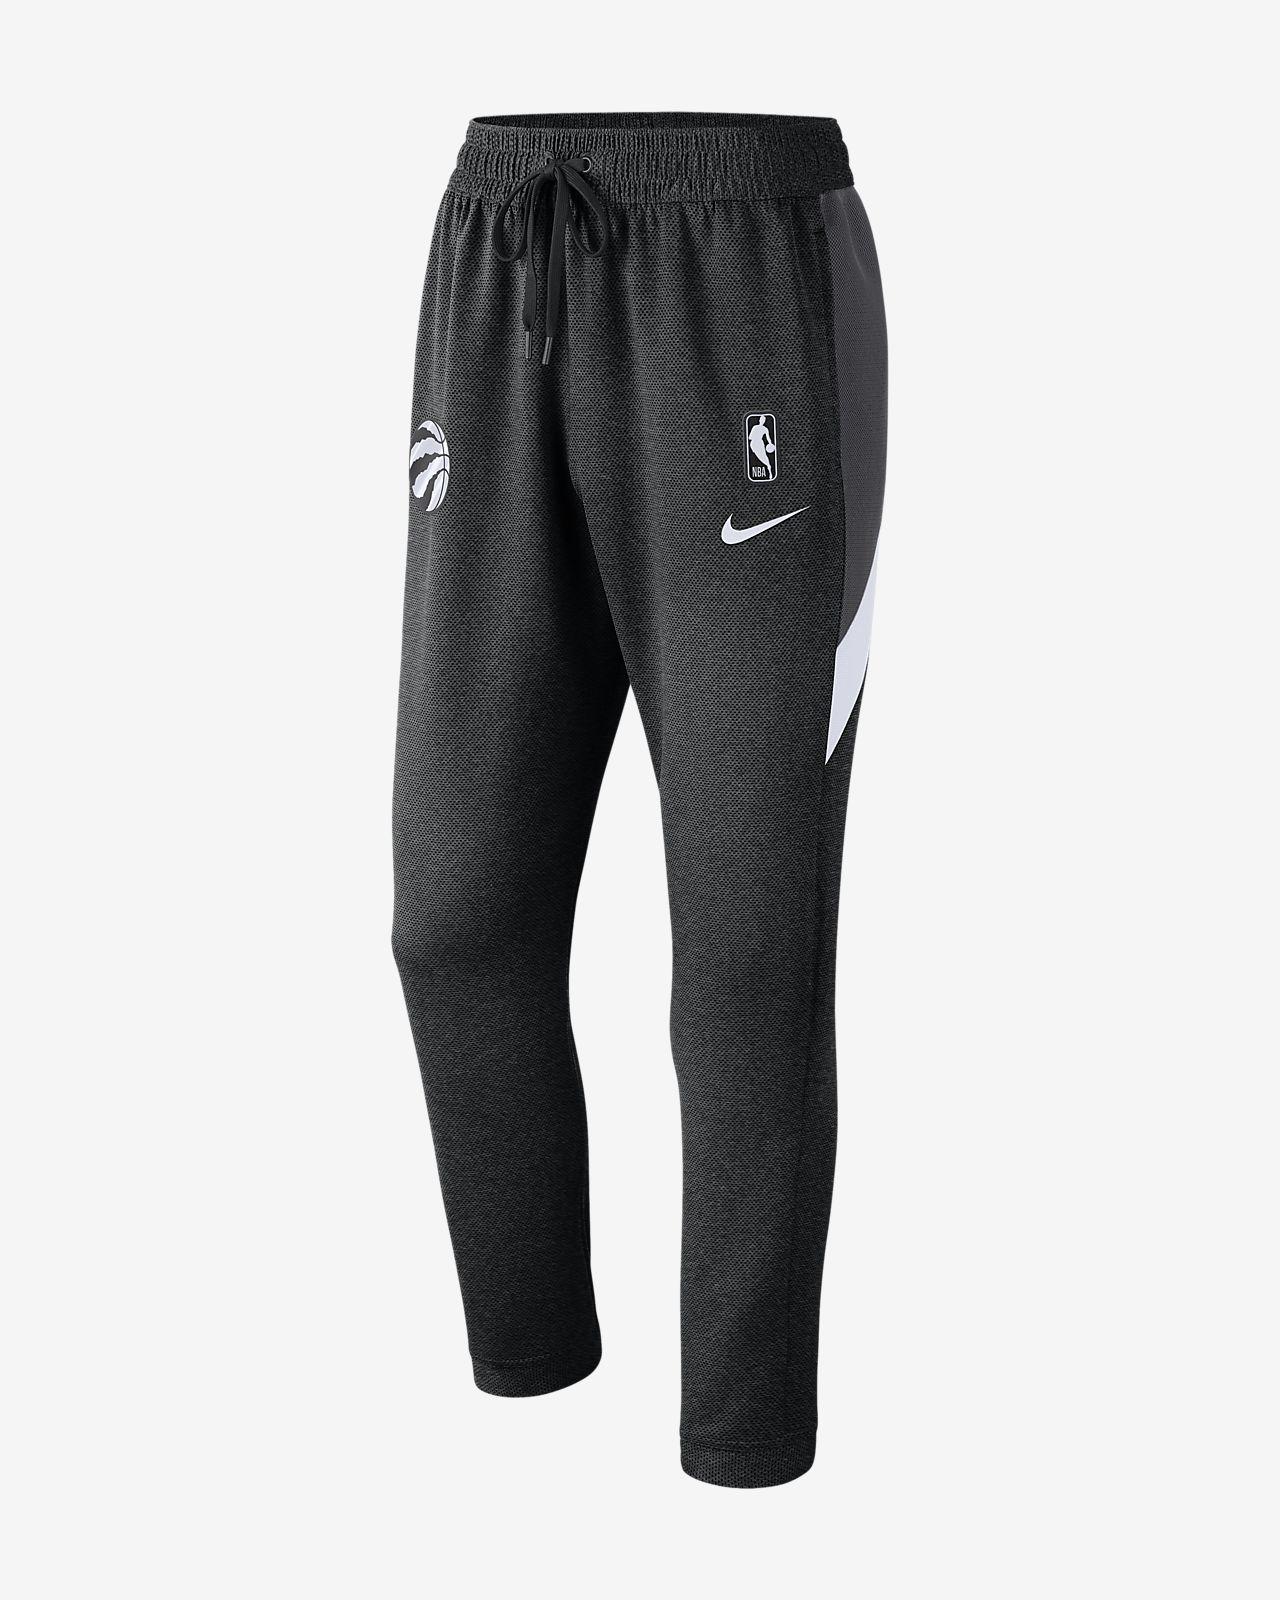 Toronto Raptors Nike Therma Flex Showtime Pantalón de la NBA - Hombre